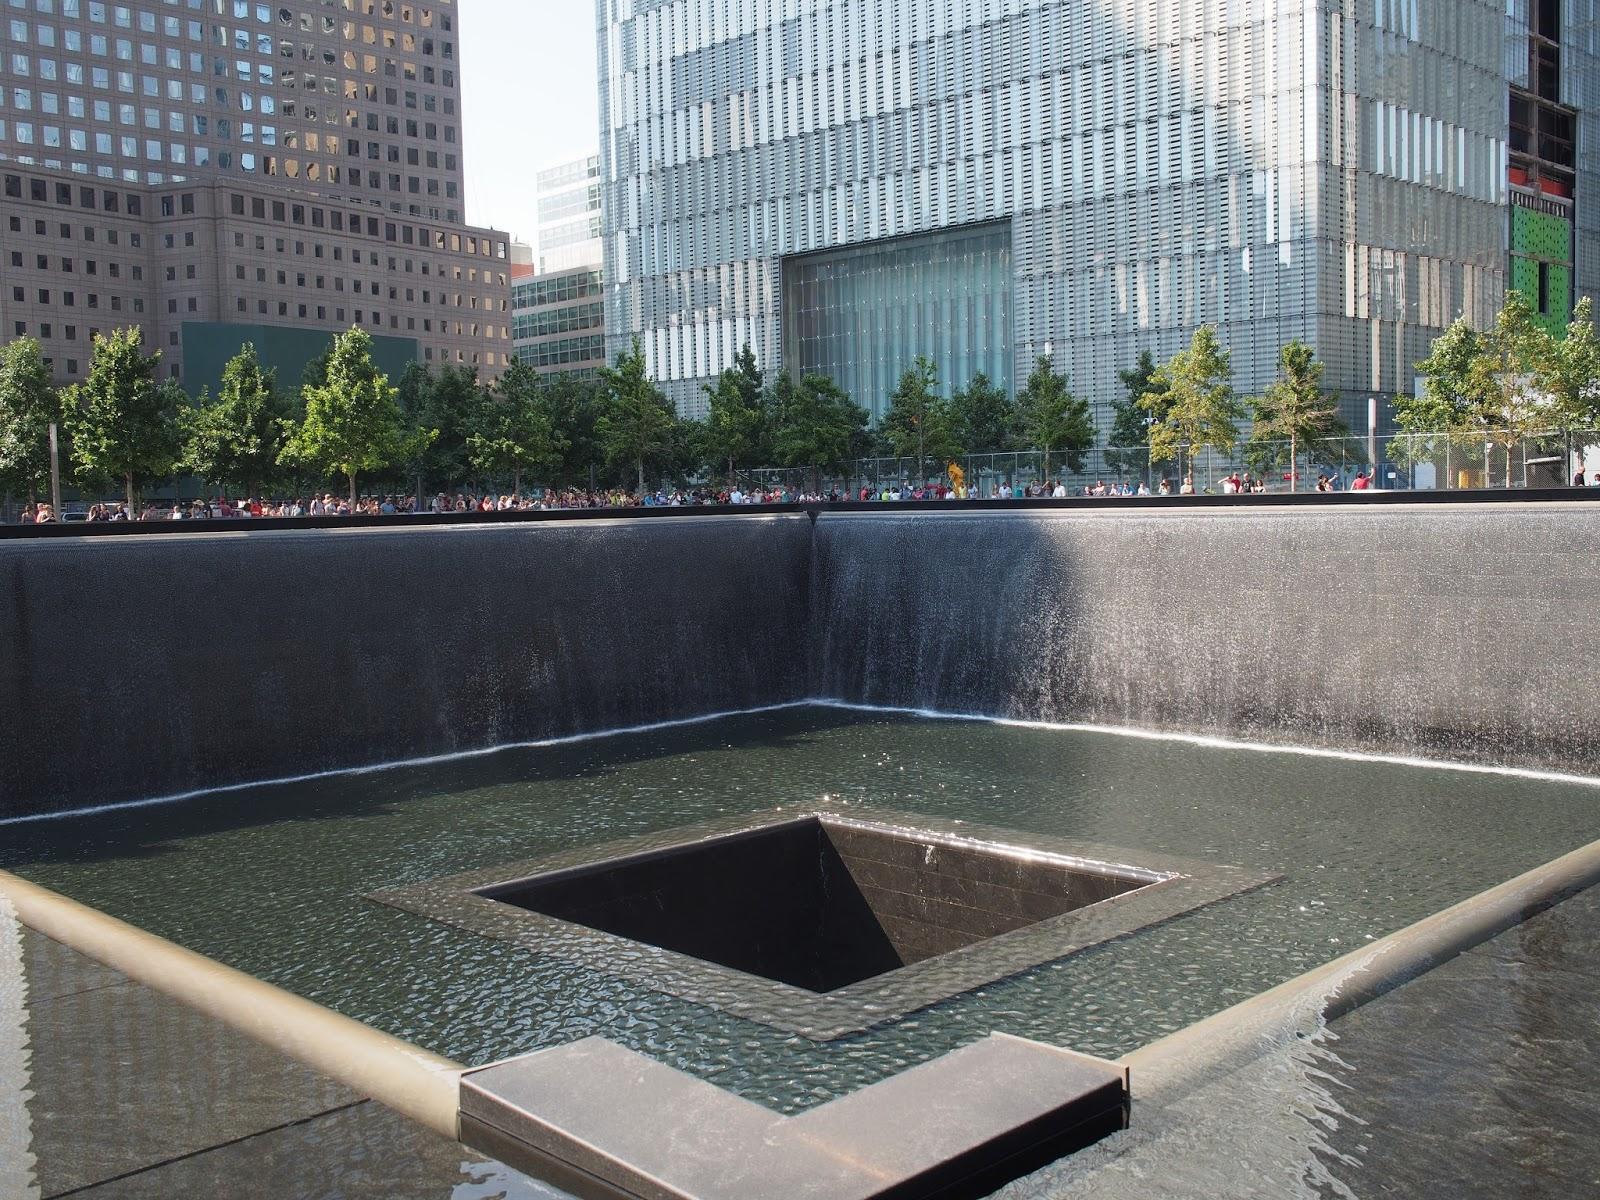 9/11 Memorial #911memorial #NYC #memorial 204